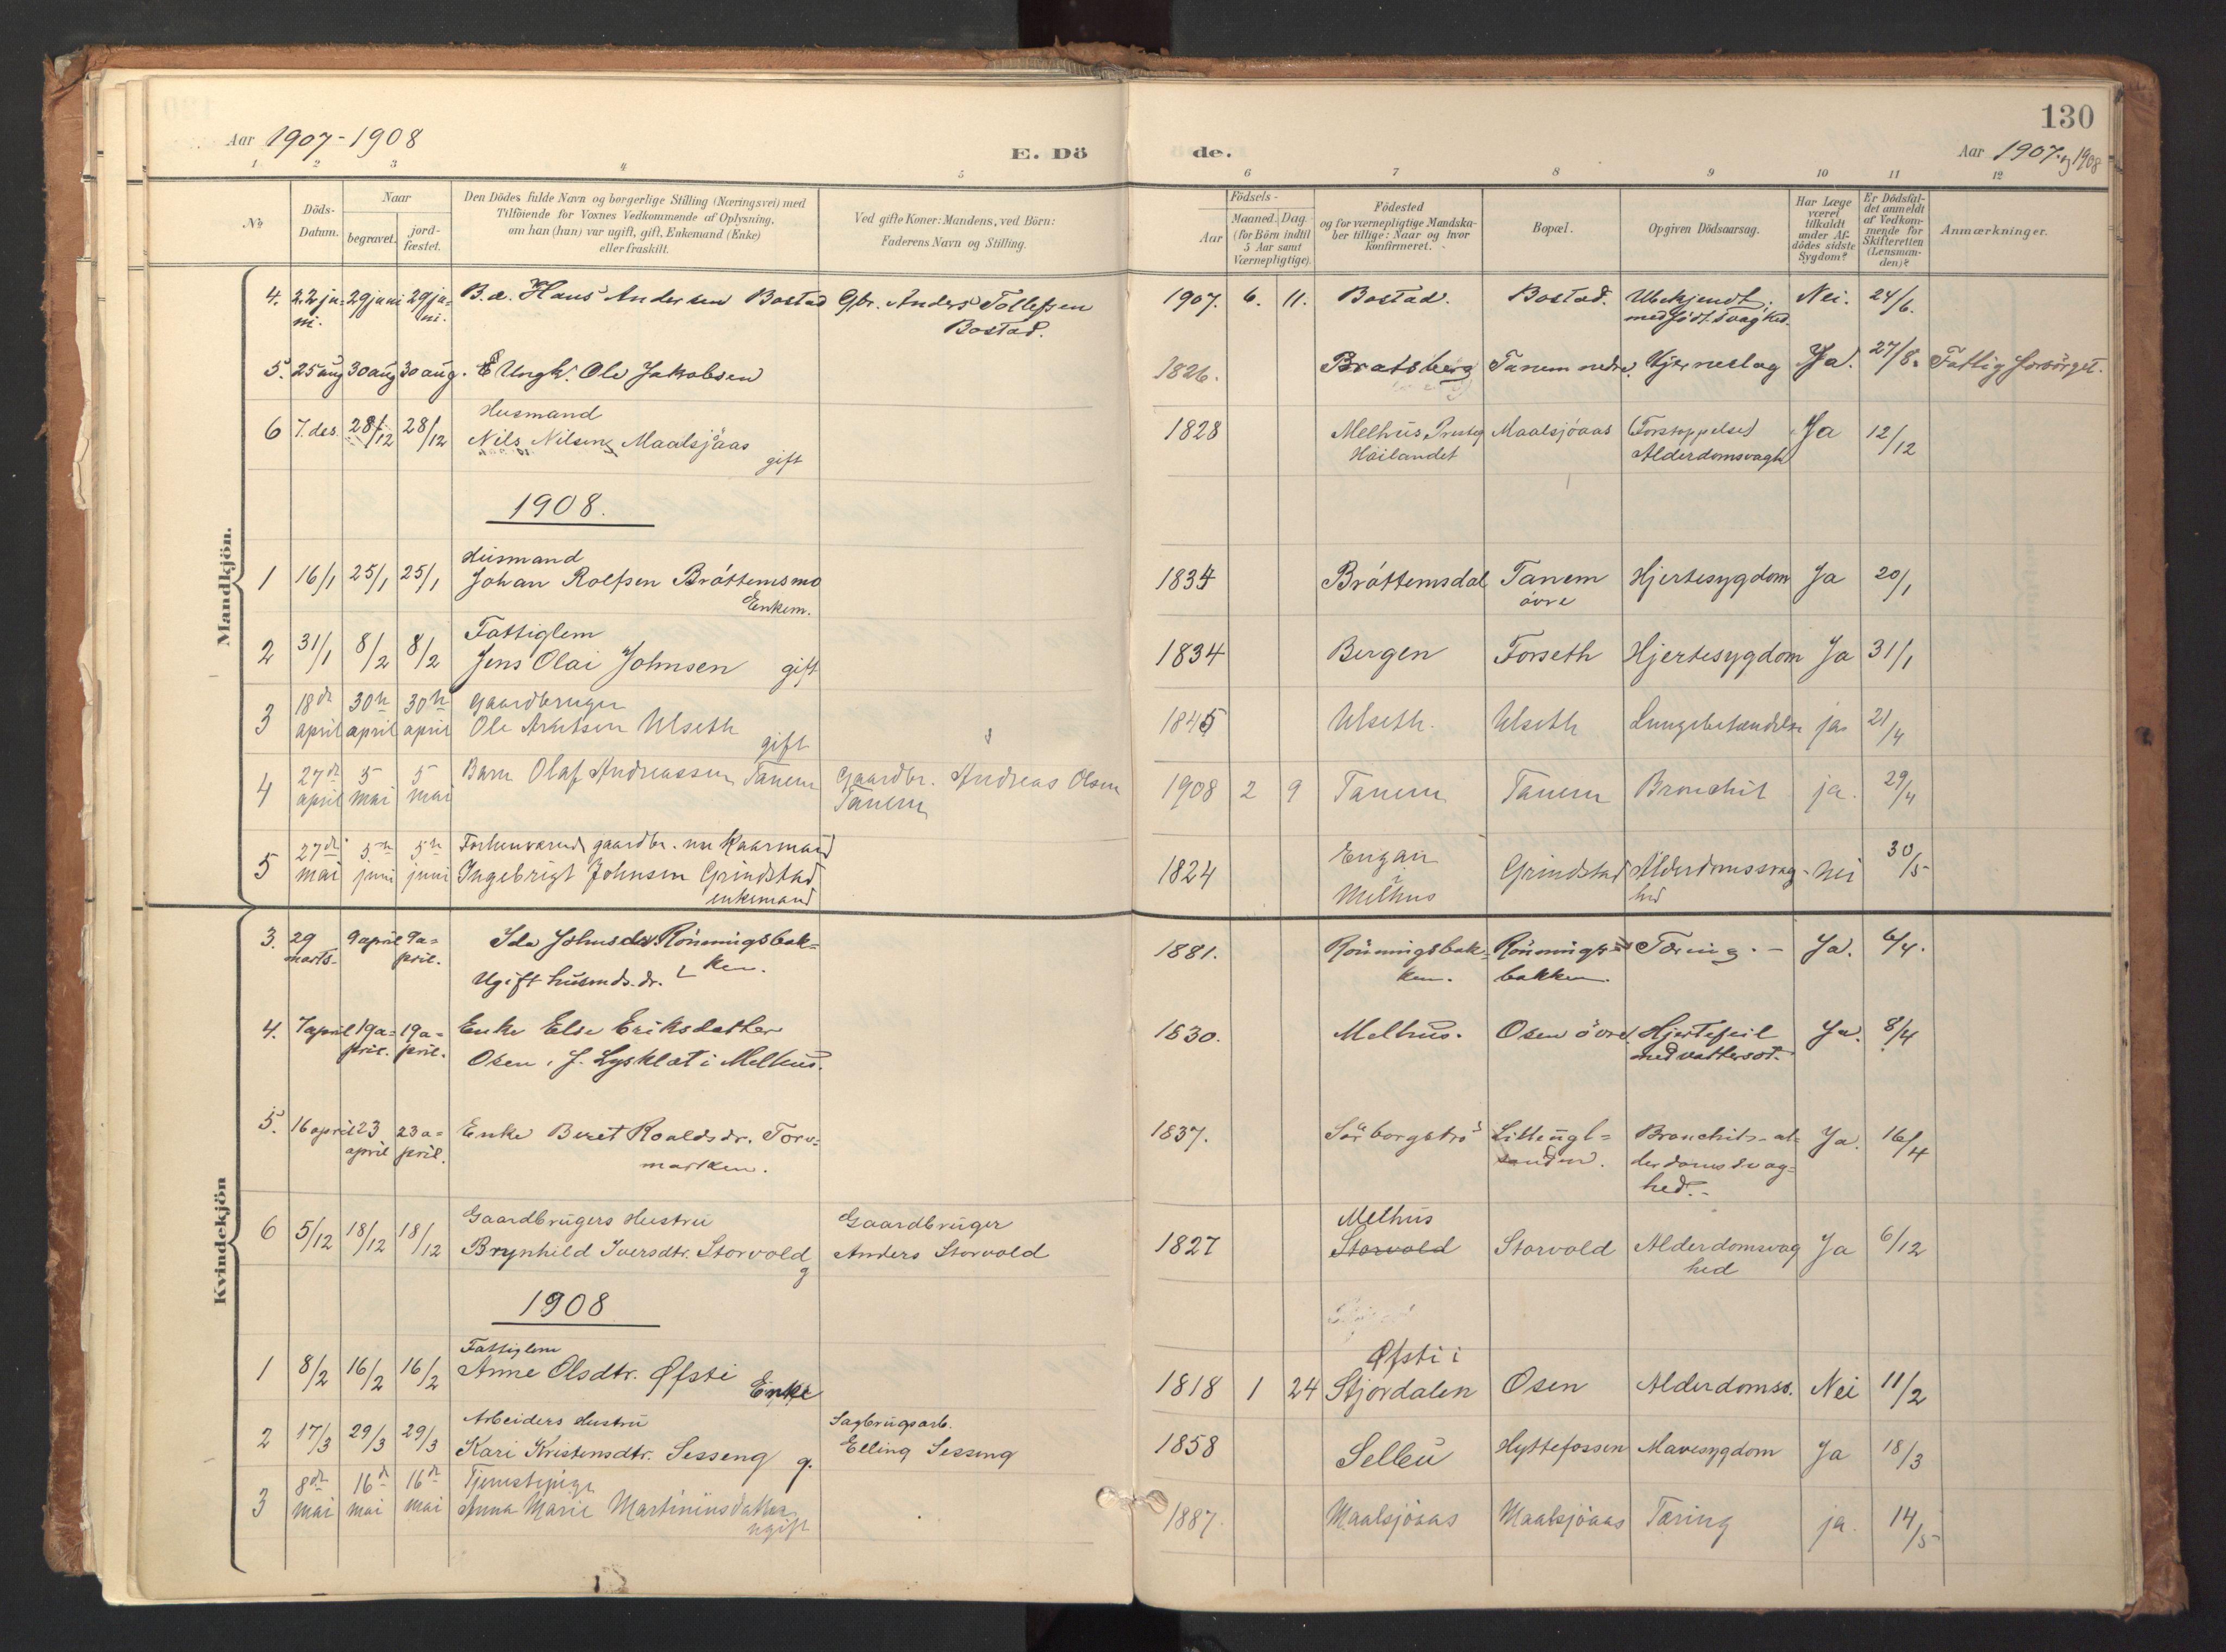 SAT, Ministerialprotokoller, klokkerbøker og fødselsregistre - Sør-Trøndelag, 618/L0448: Ministerialbok nr. 618A11, 1898-1916, s. 130